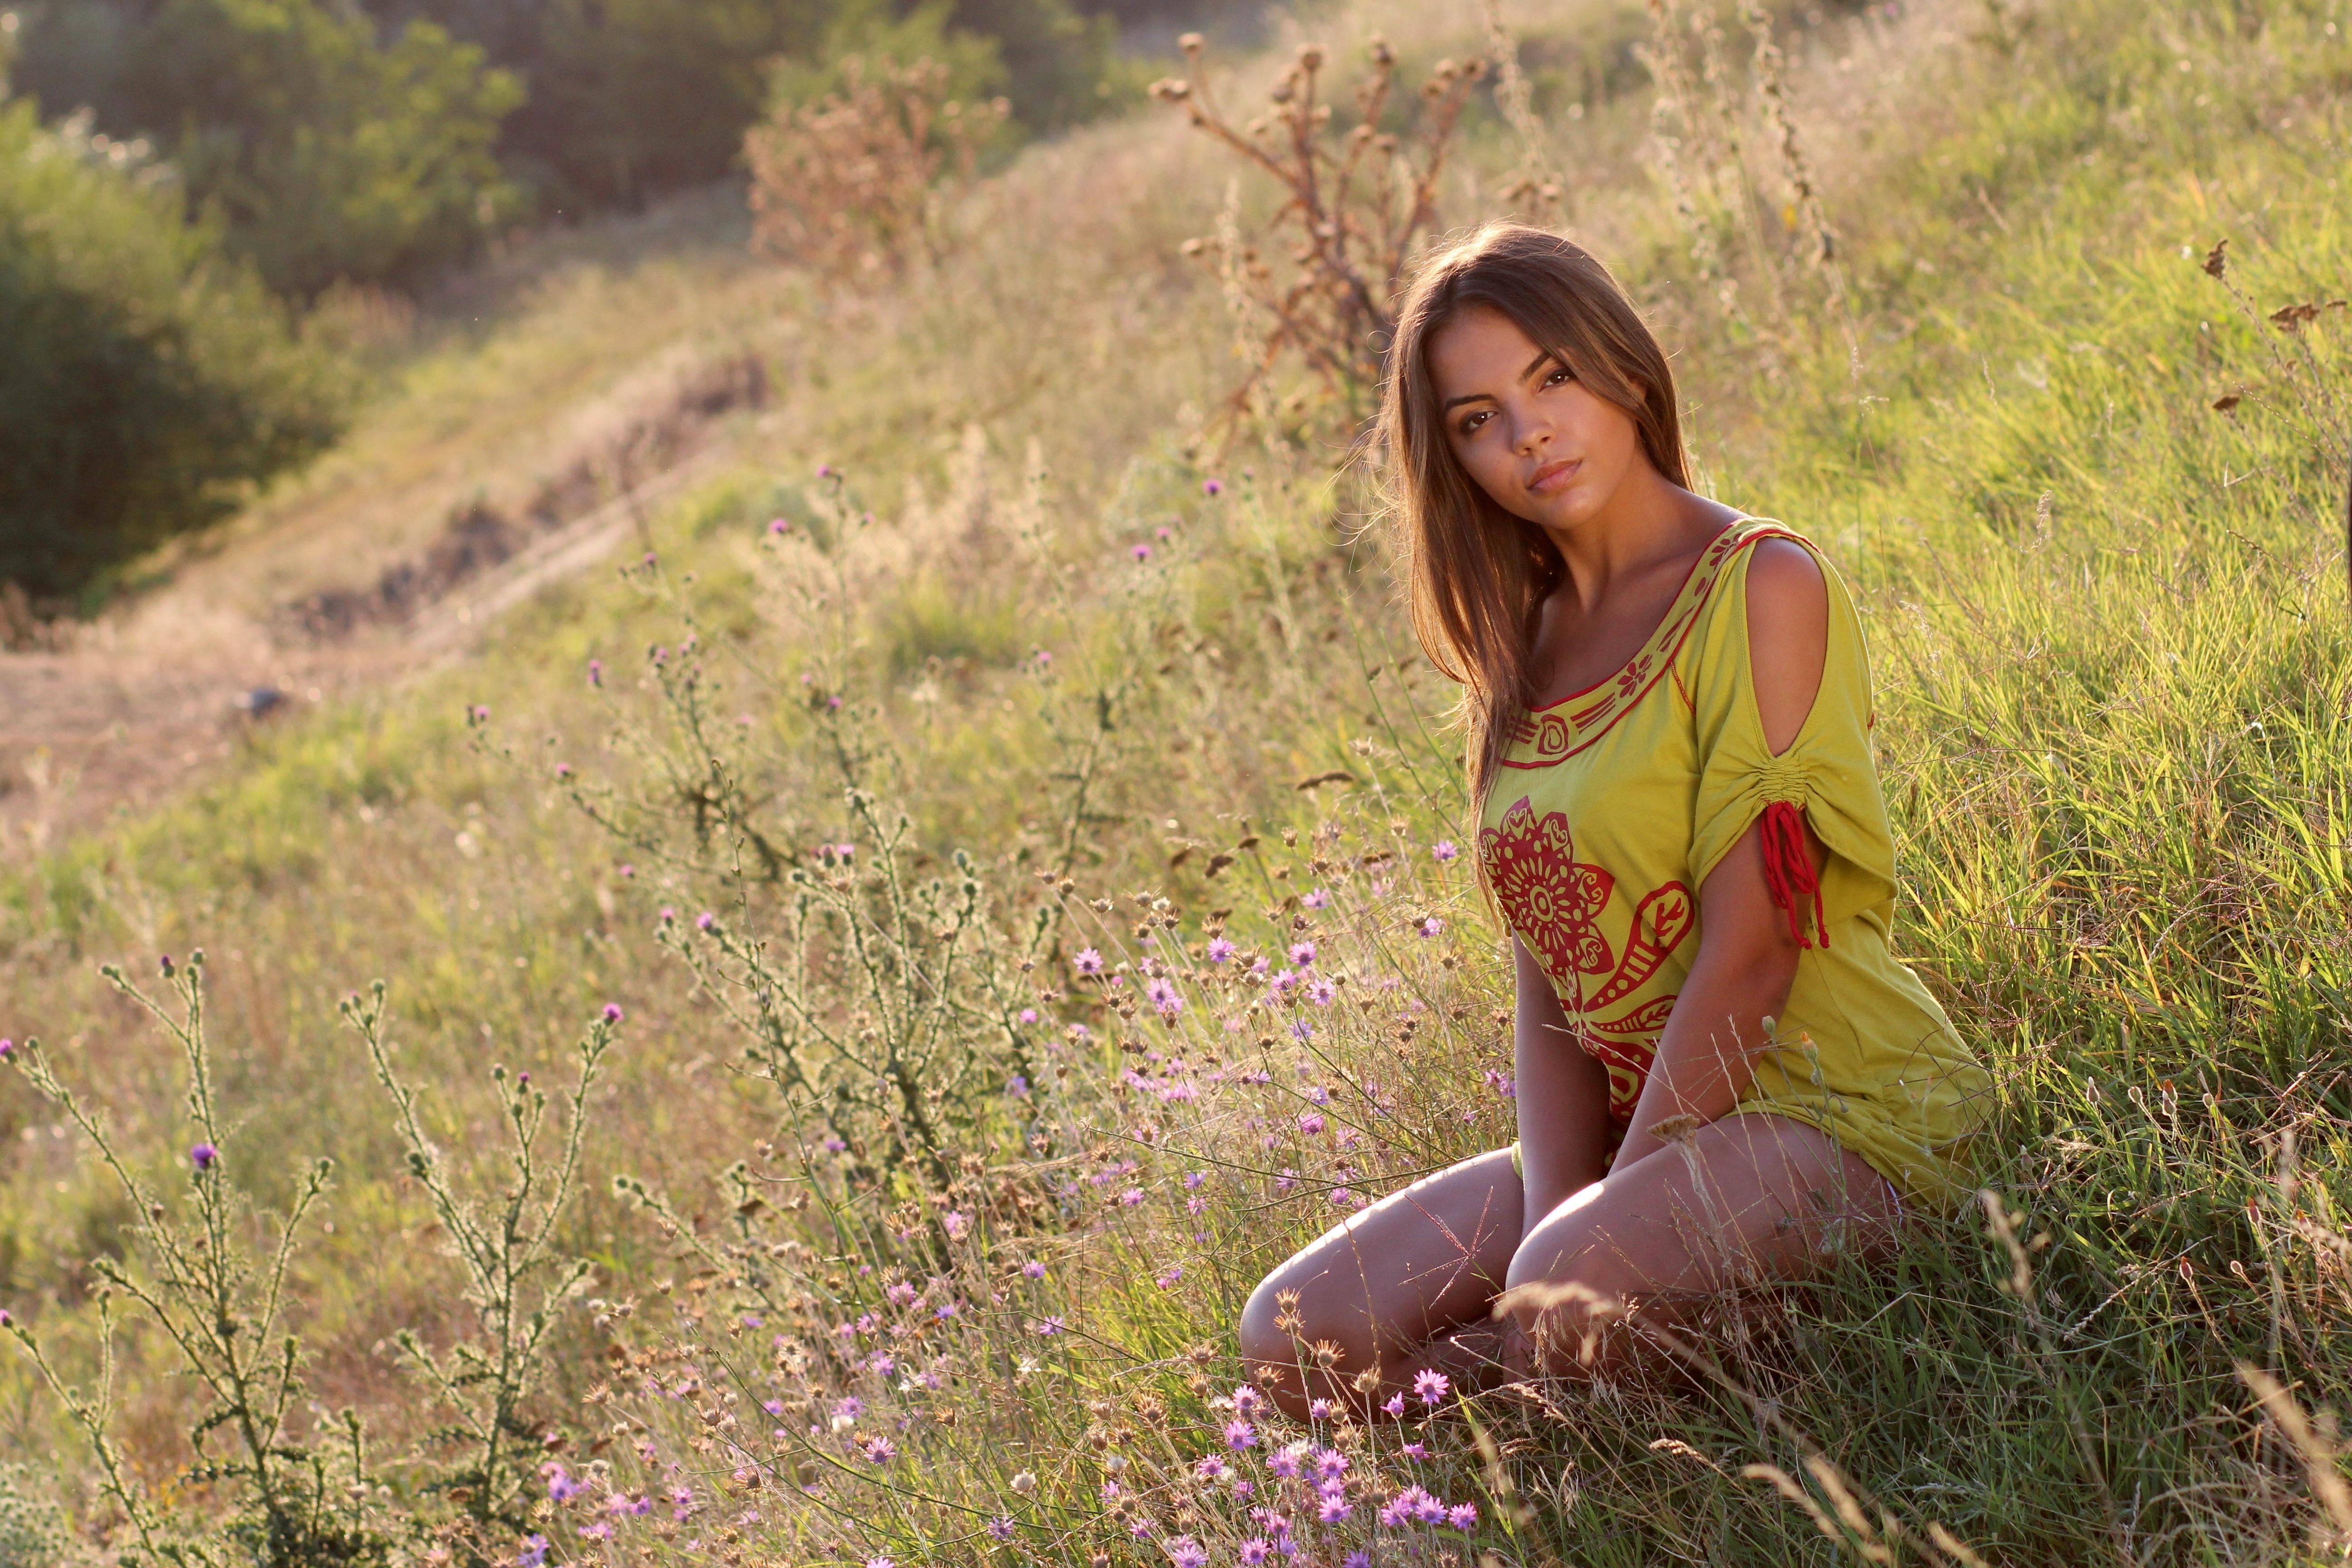 шикарные сельские девушки на природе фото снимает